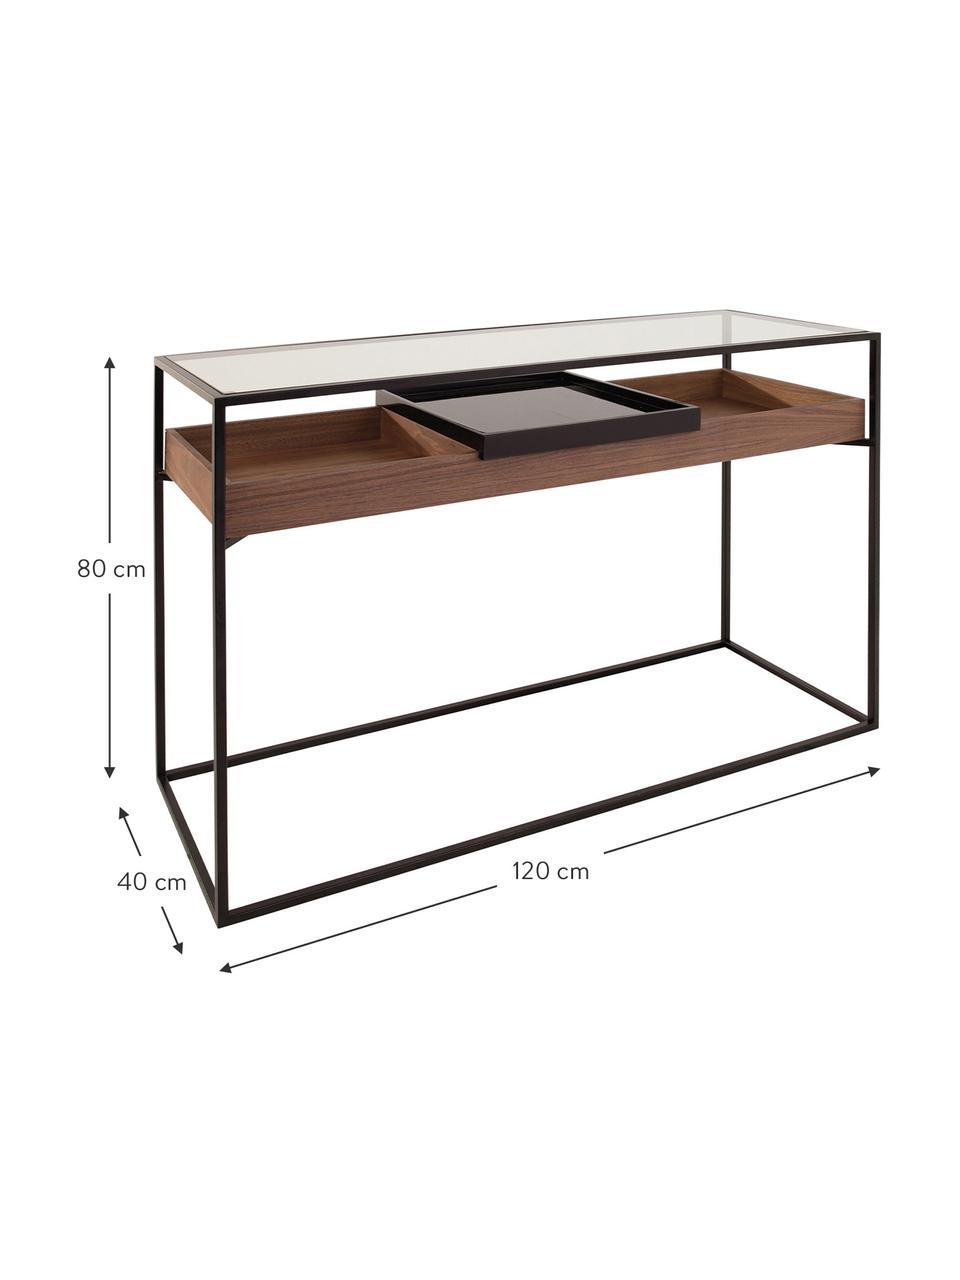 Sidetable Helix met opbergruimte, Frame: gepoedercoat metaal, Tafelblad: glas, Dienblad: gelakt metaal, Zwart, transparant, walnoothoutkleurig, B 120 x D 40 cm